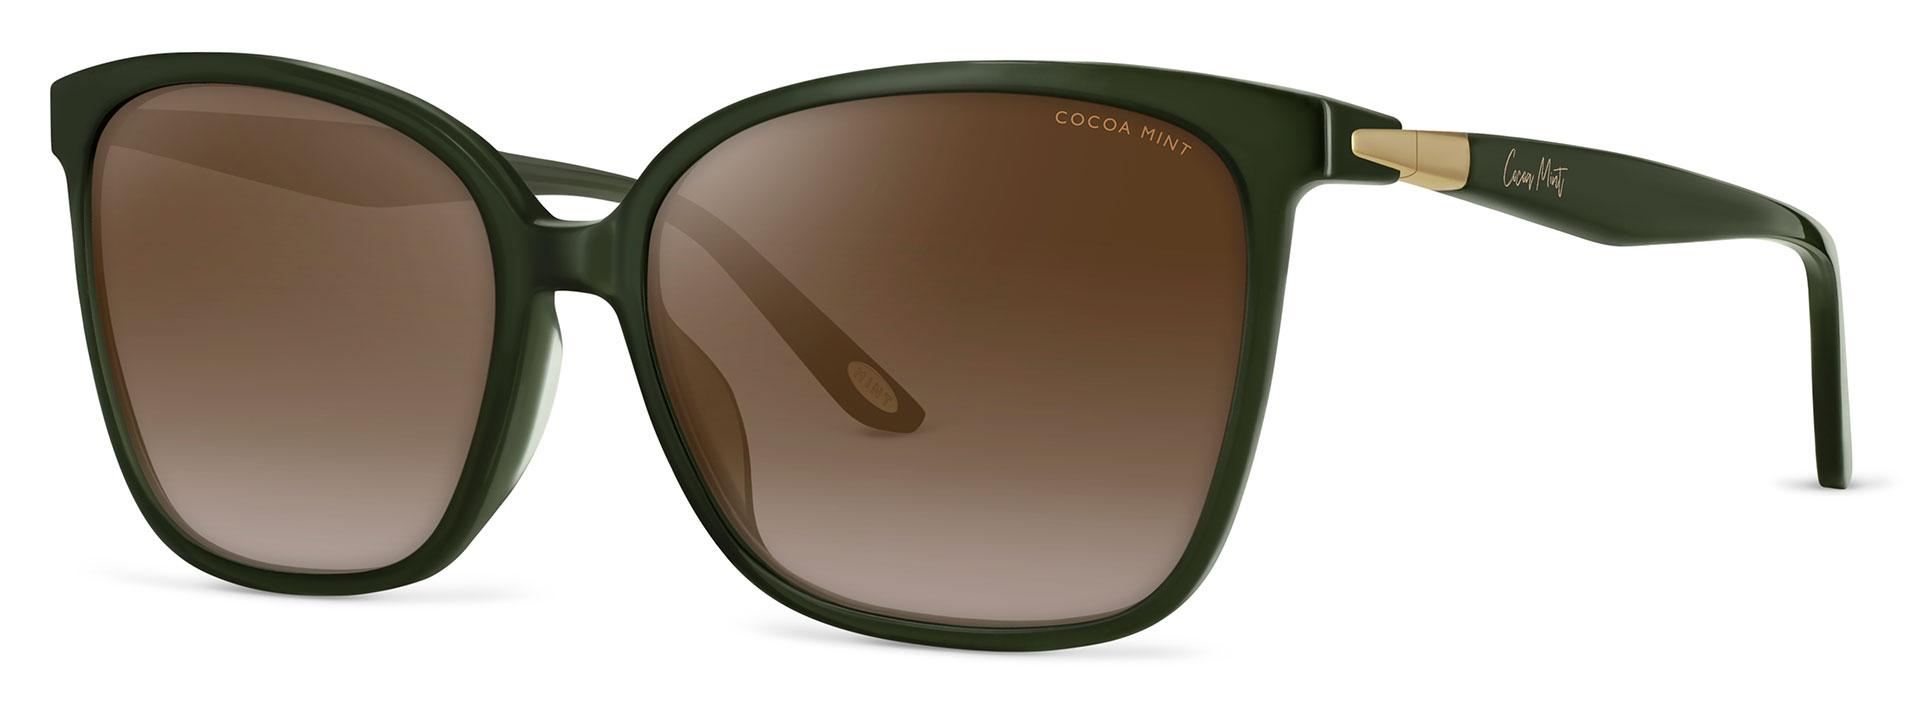 Cocoa Mint Sun Glasses - Olive - CMS2069-C1